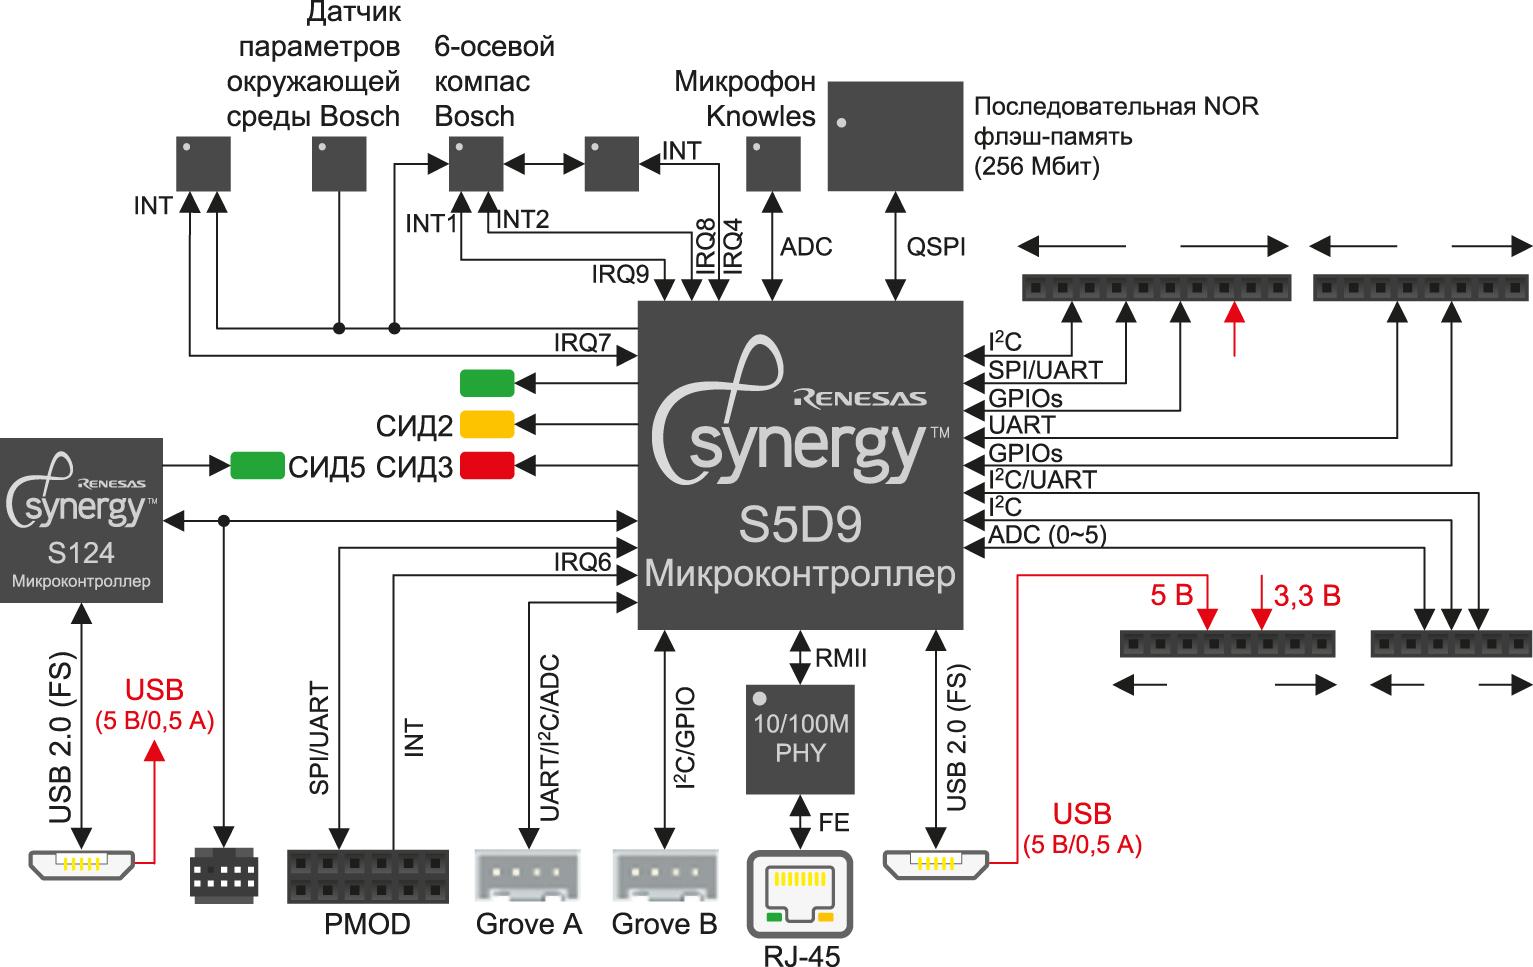 Блок-схема платы микроконтроллера с поддержкой периферийных компонентов